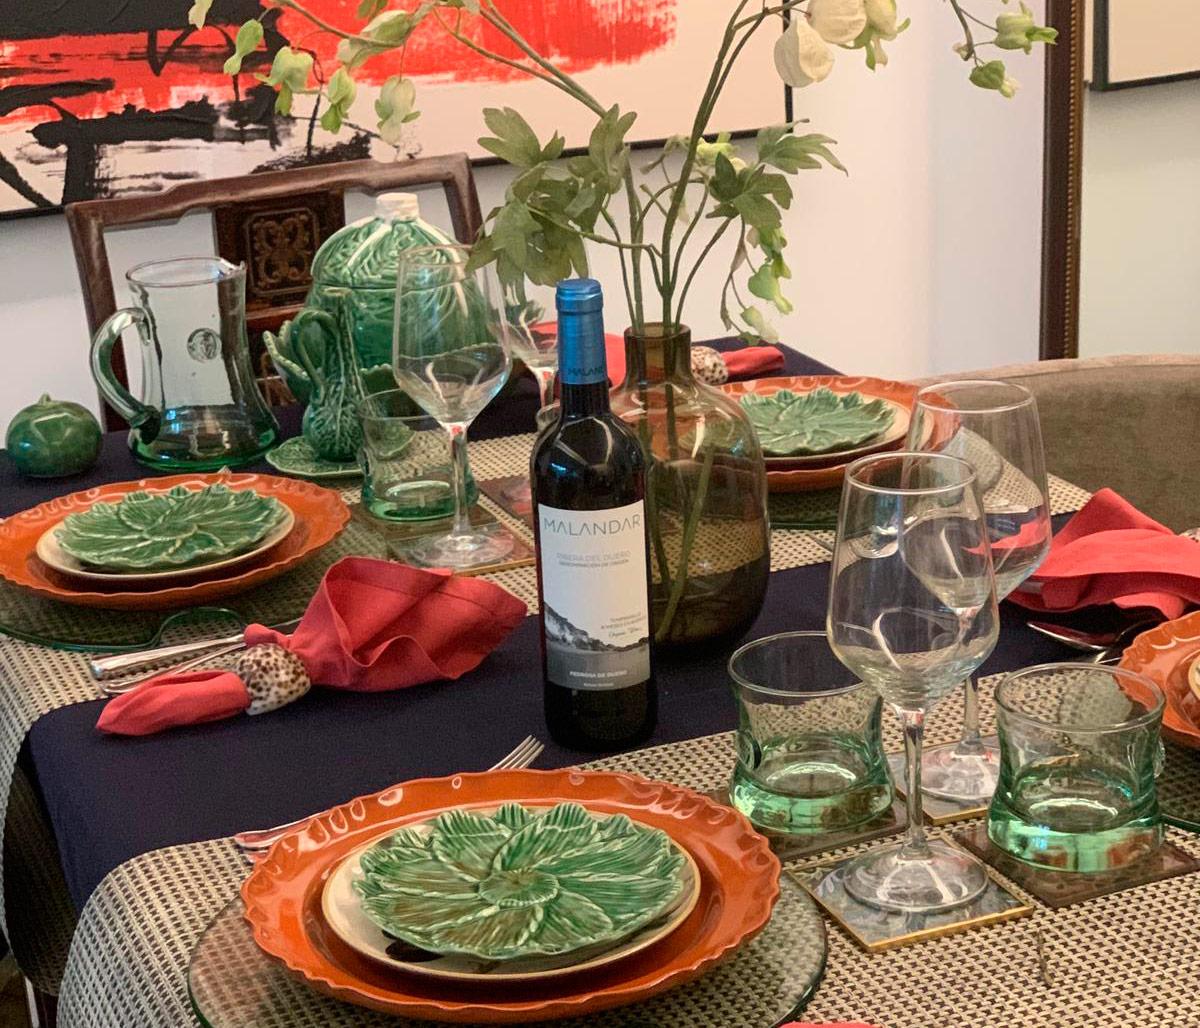 Finca Malandar Ribera del Duero Vinos ecológicos en casa